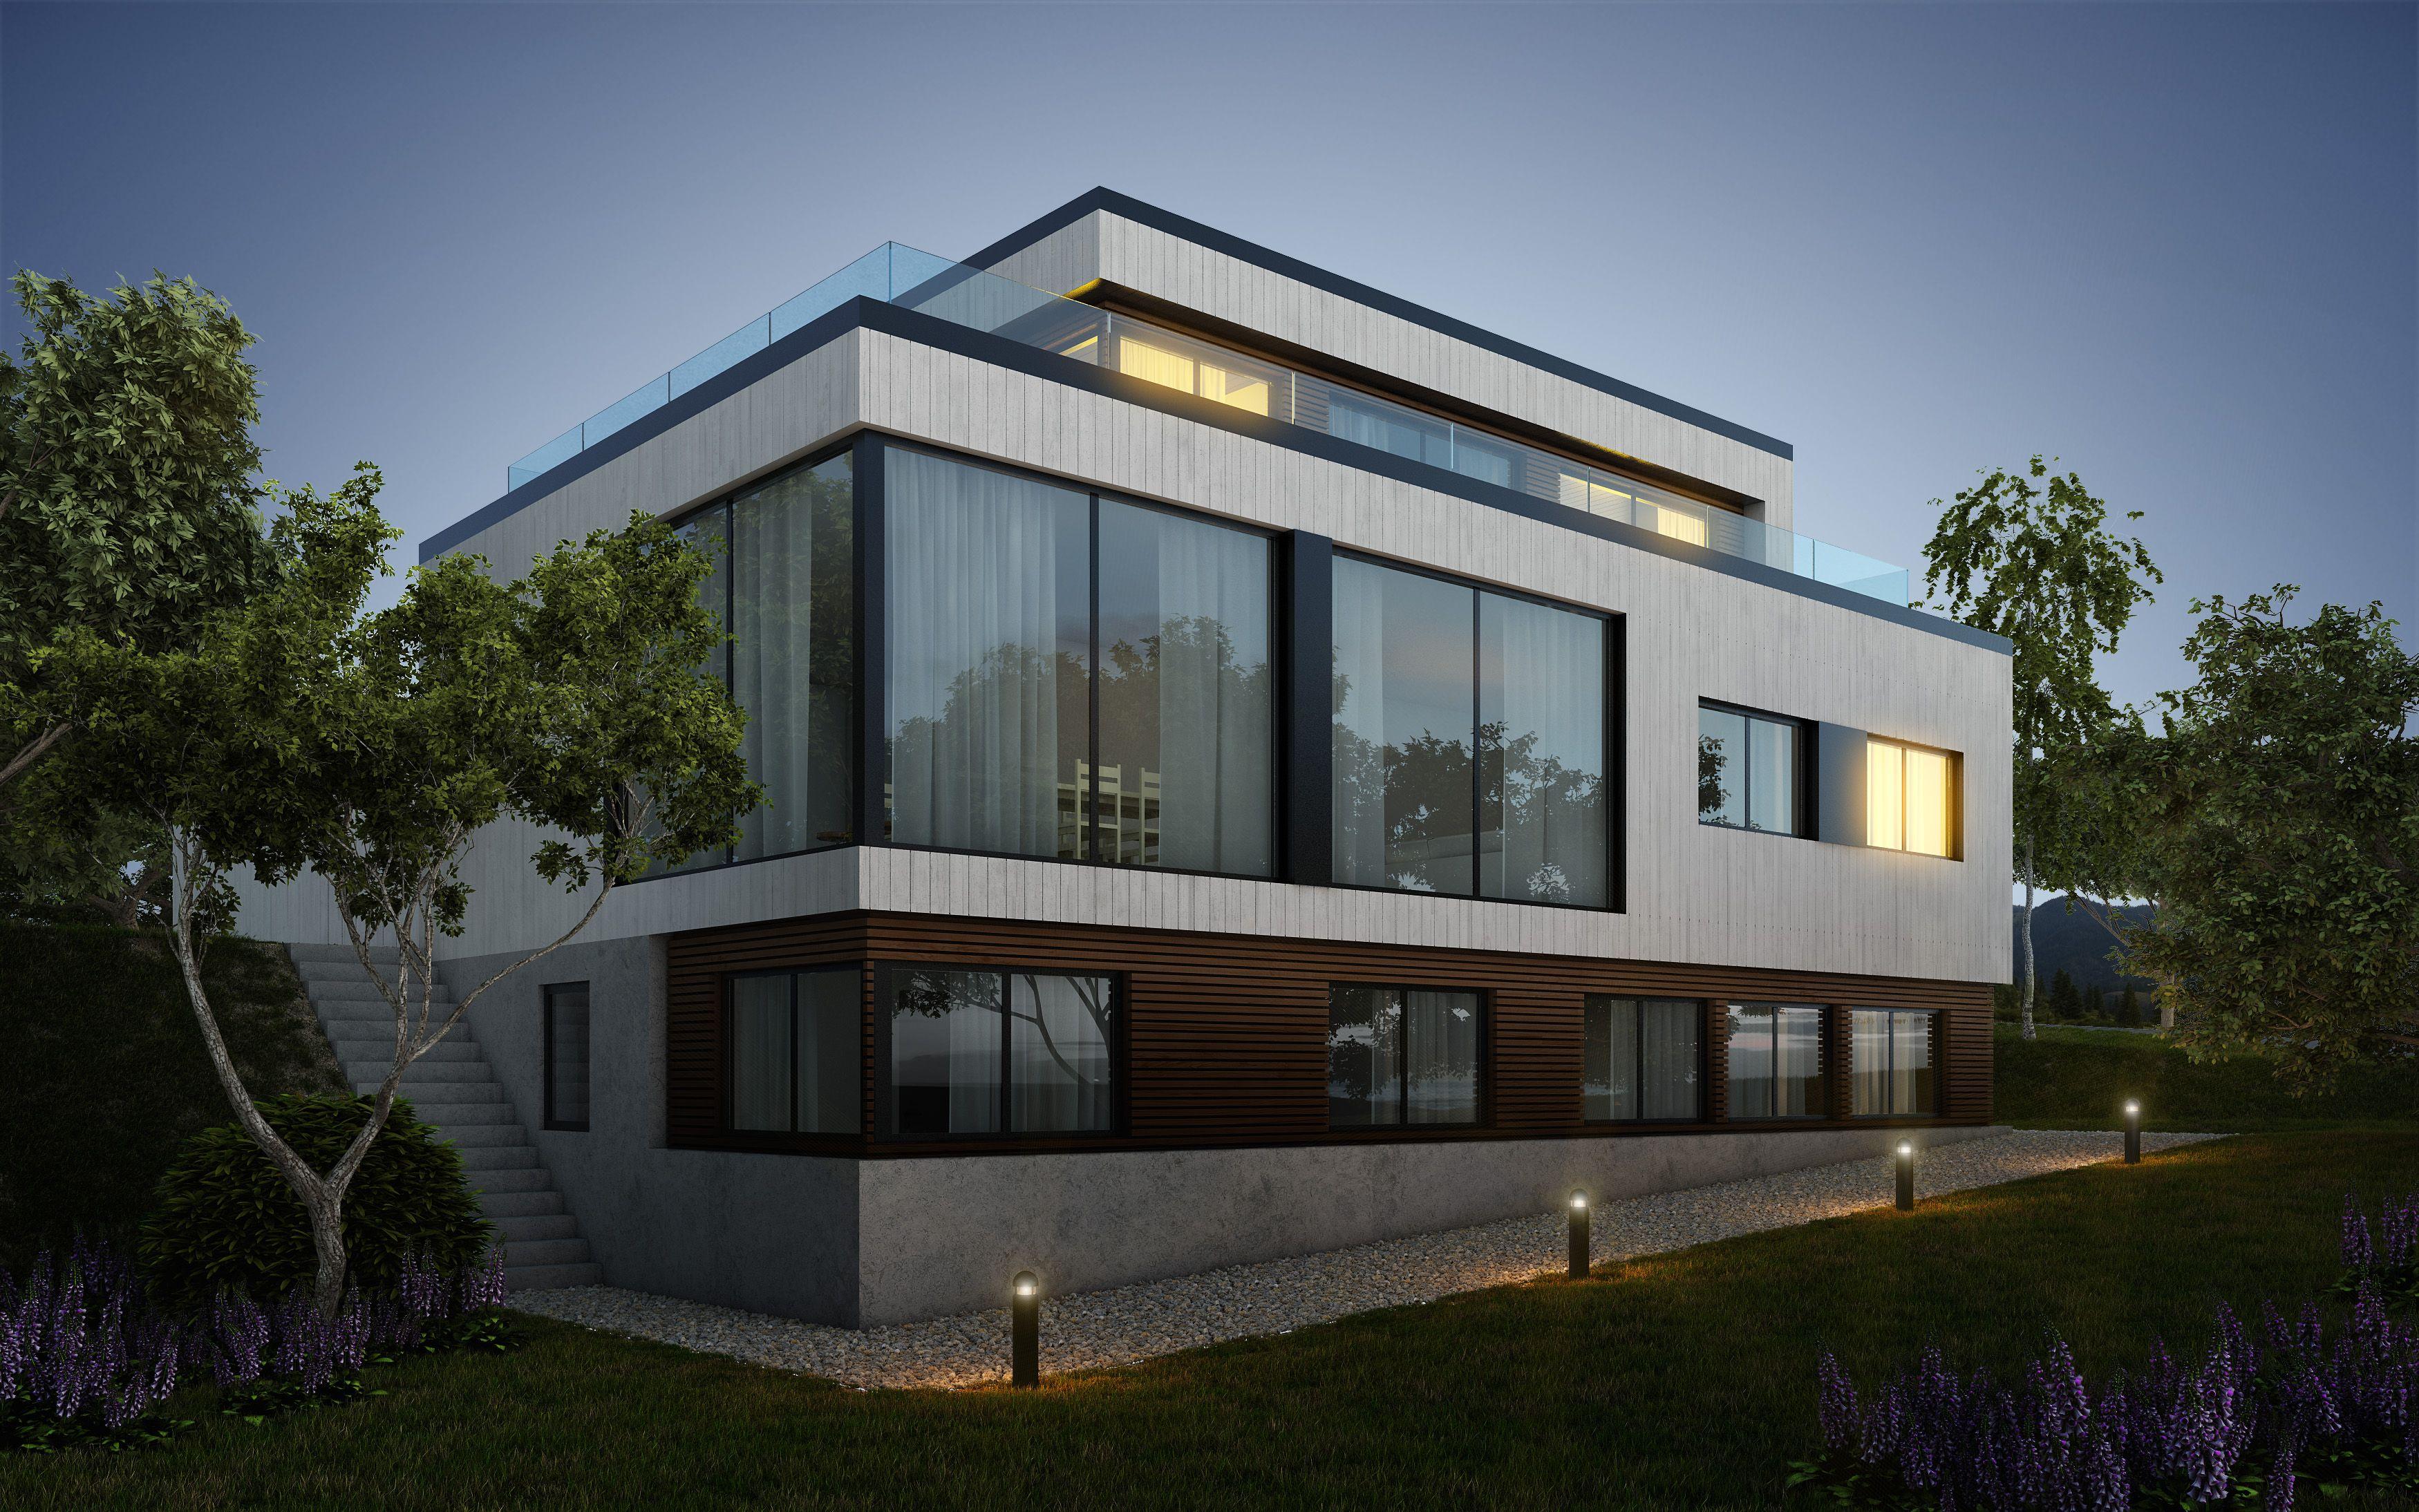 Kataloghus U- 530 moderne bolig med leilighet over tre plan ...